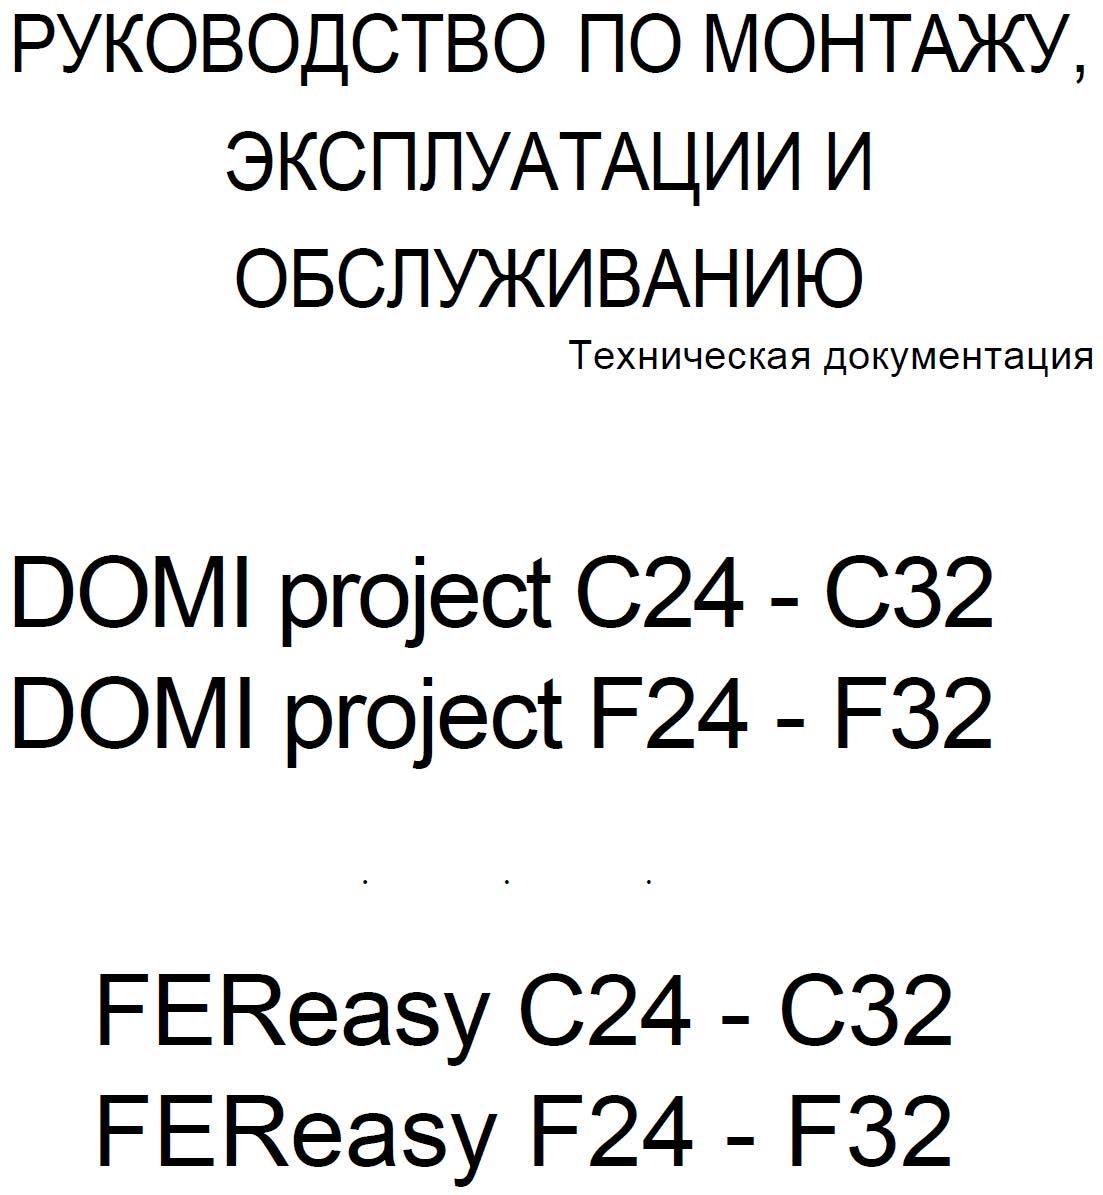 http://elation.kiev.ua/components/com_agora/img/members/869/25052015-1227_22.jpg